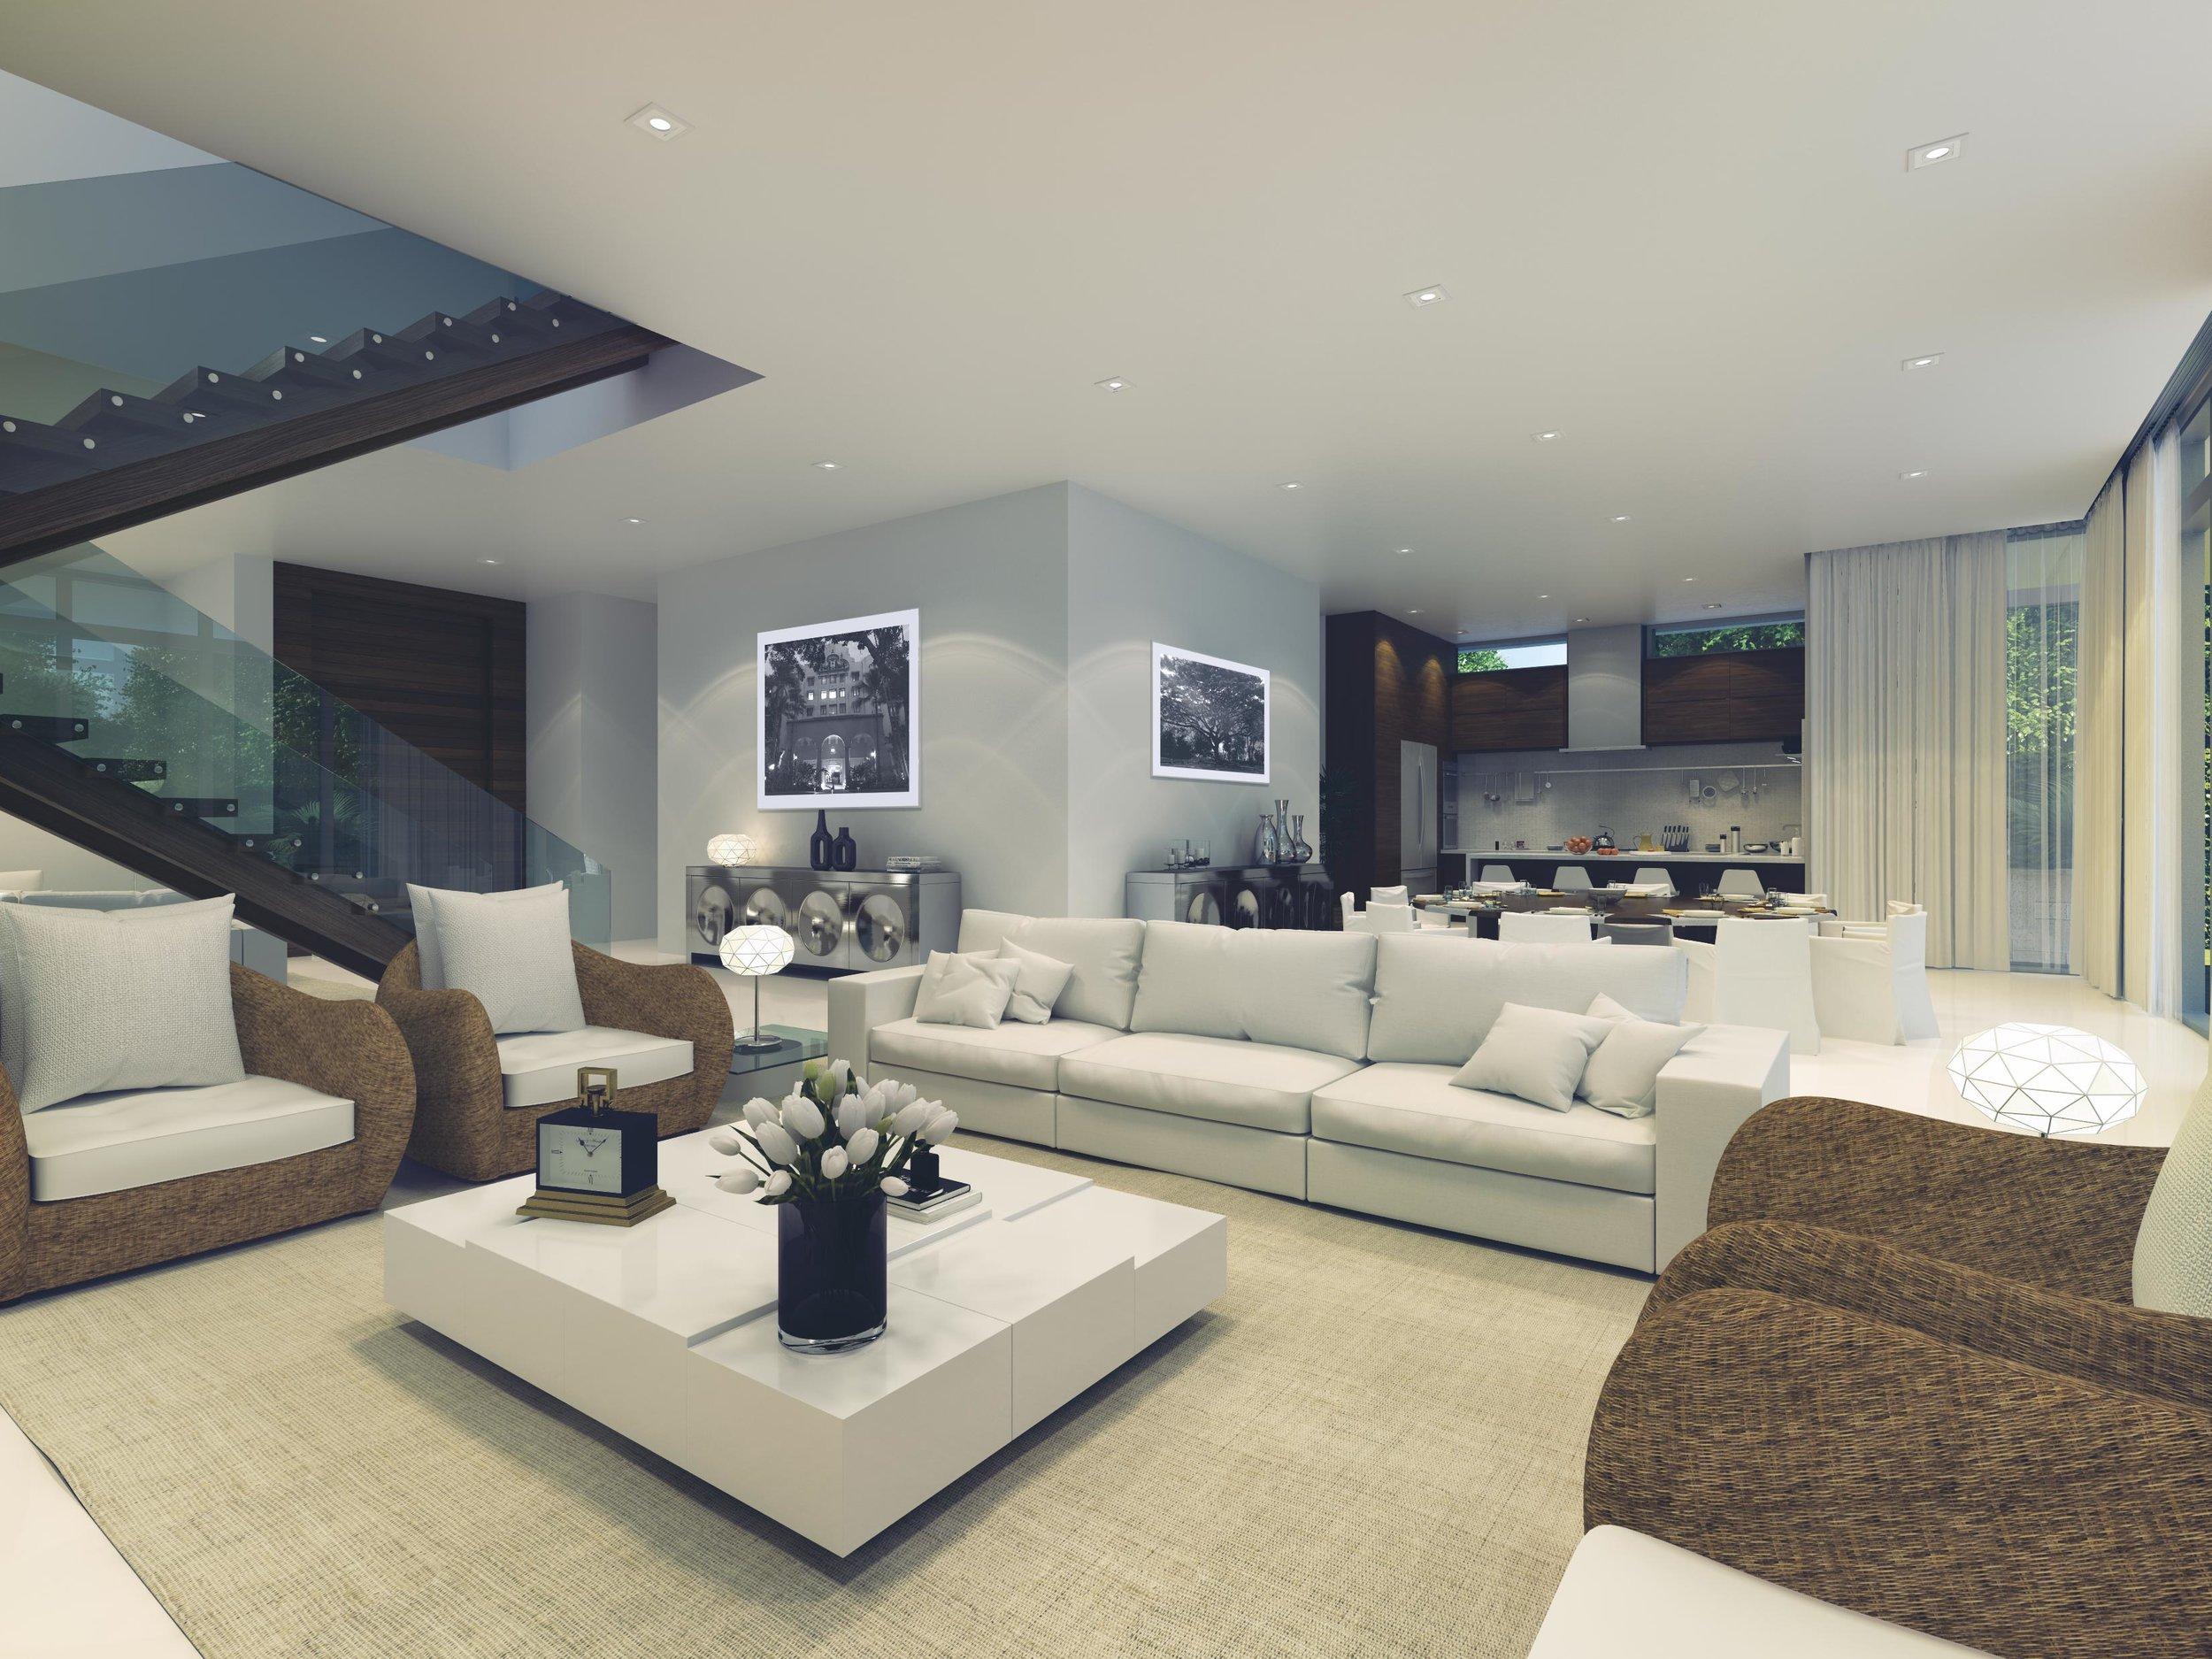 Interior-(1).jpg